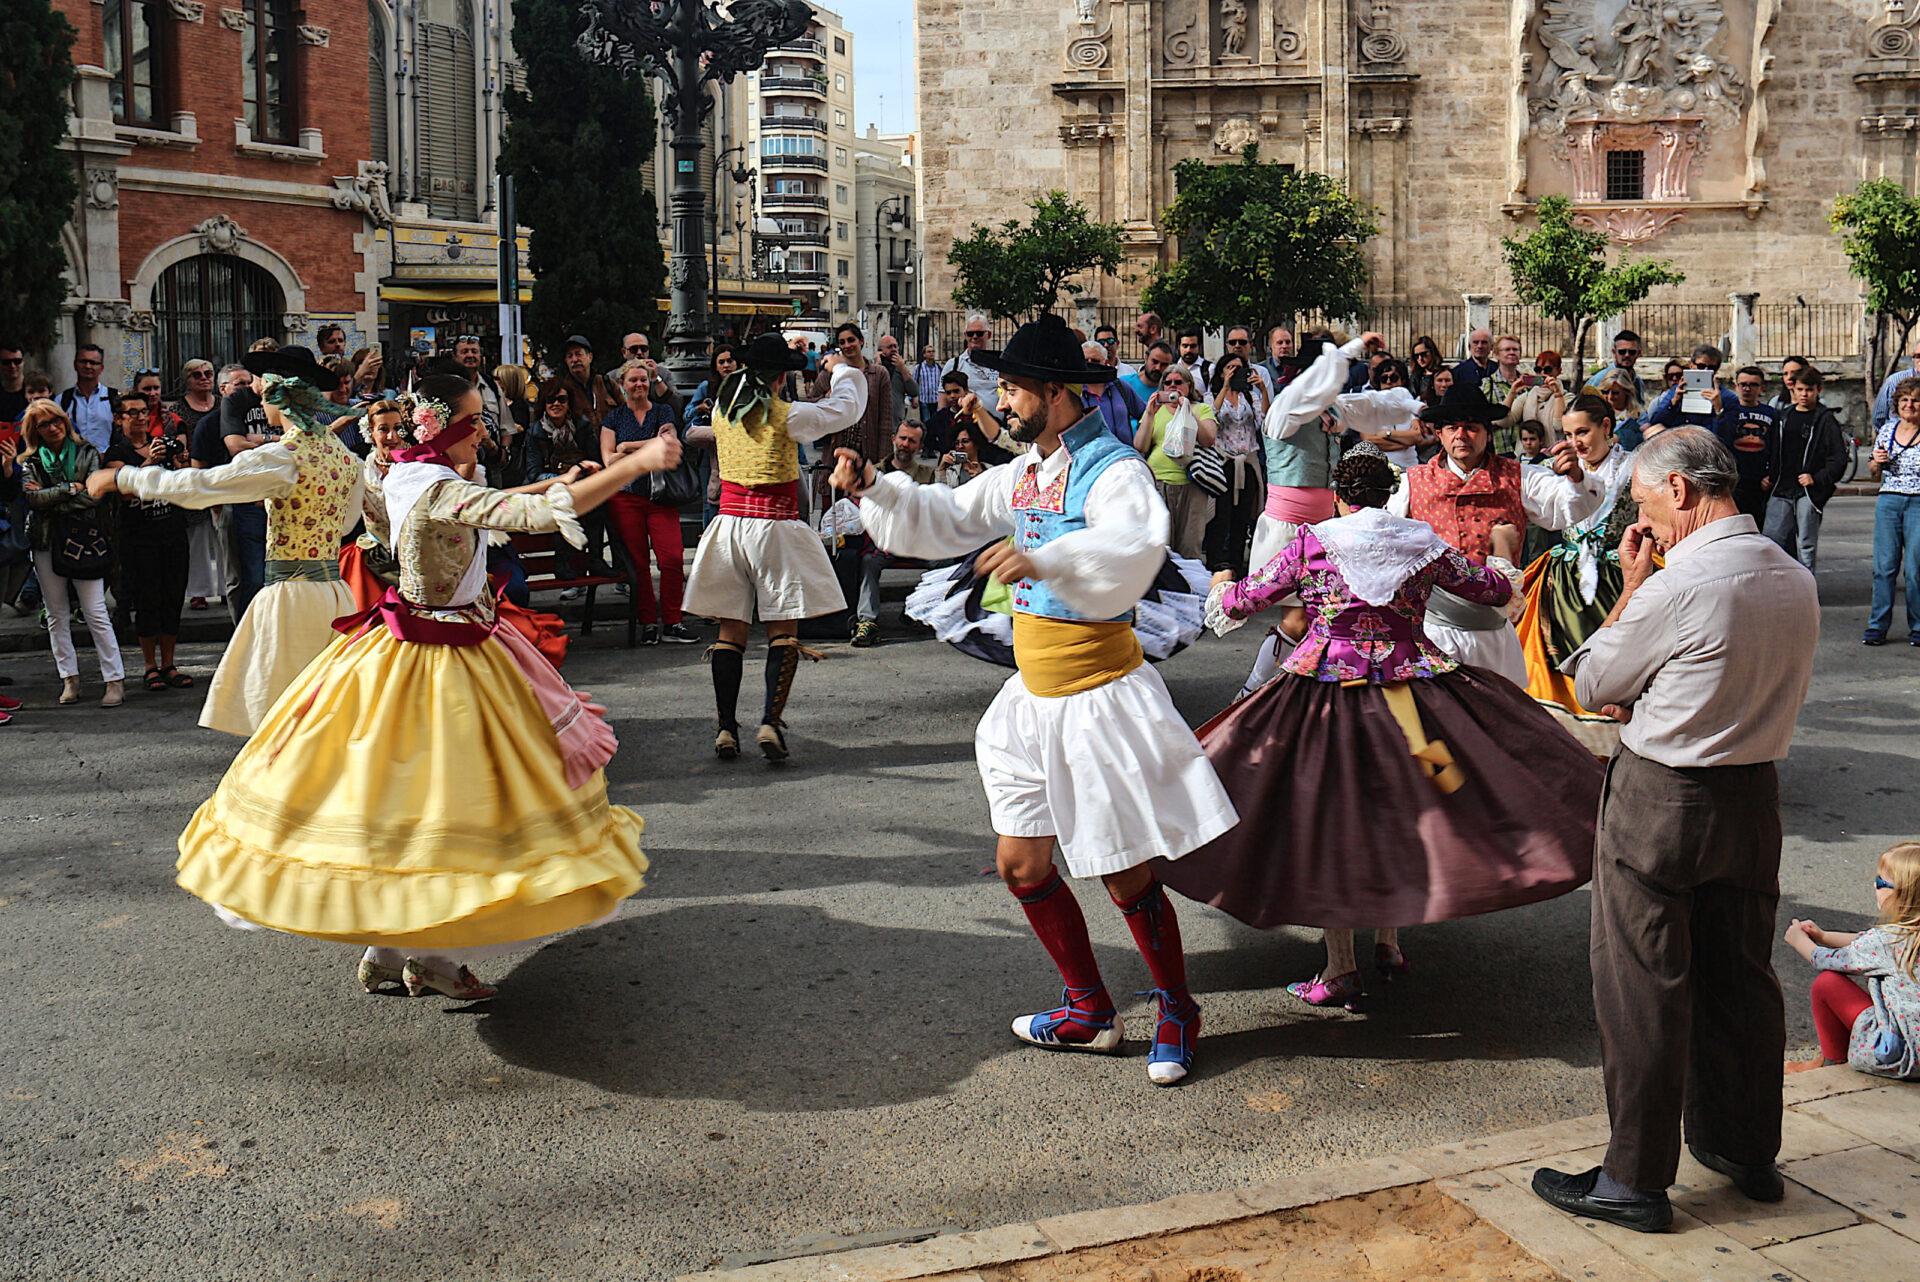 Ноябрьские выходные вВаленсии. Уличные танцы.